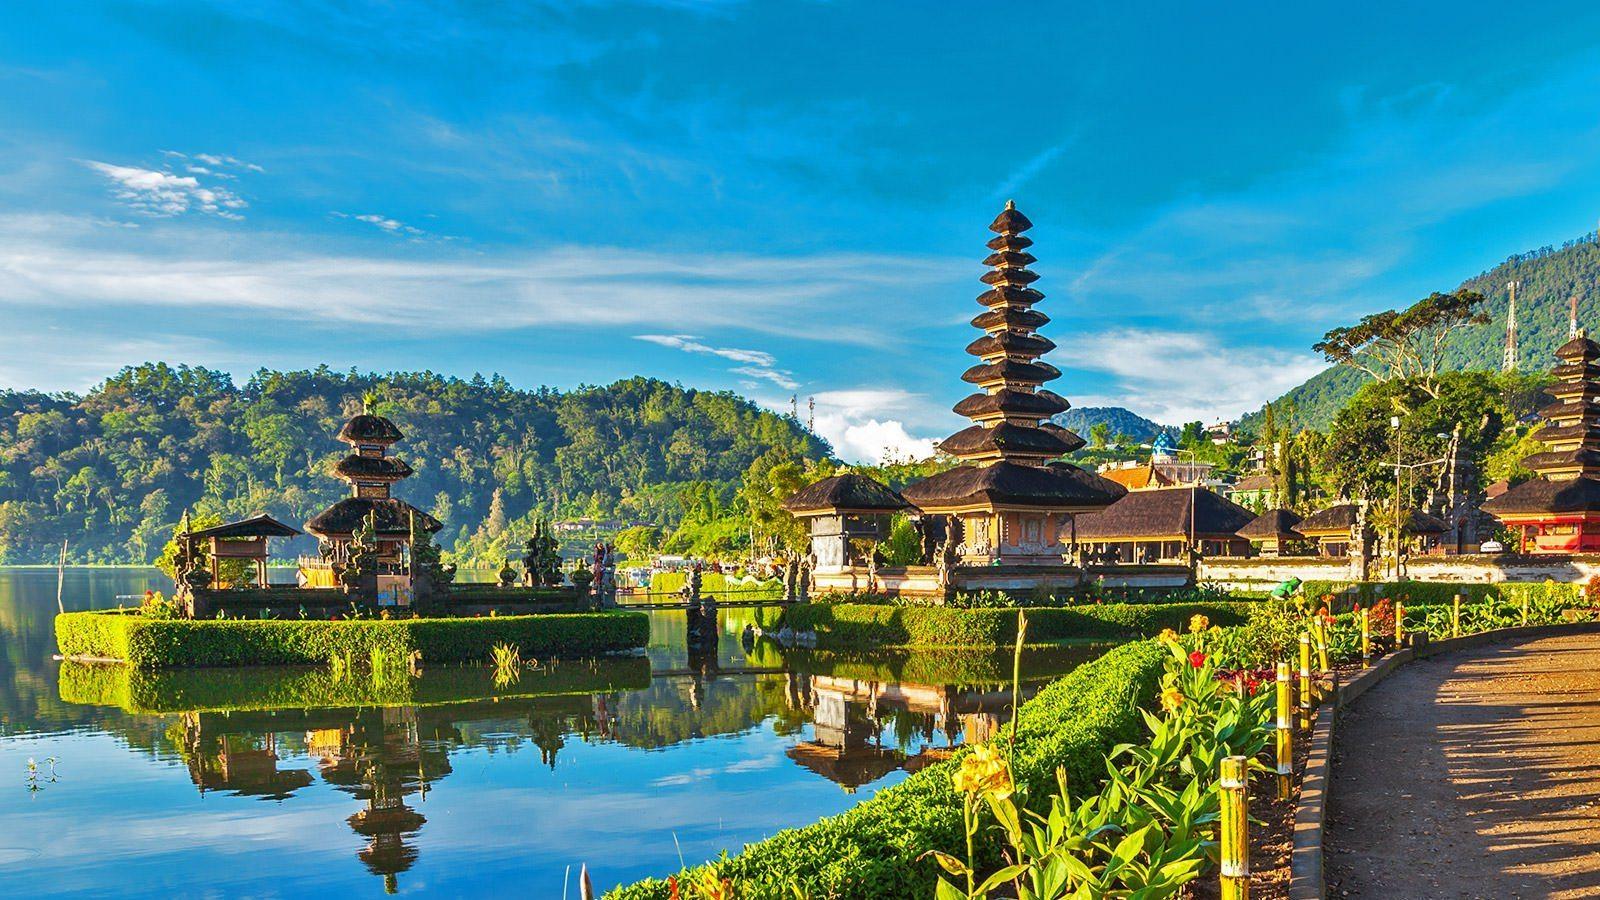 افضل برنامج لقضاء شهر عسل في اندونسيا (9)